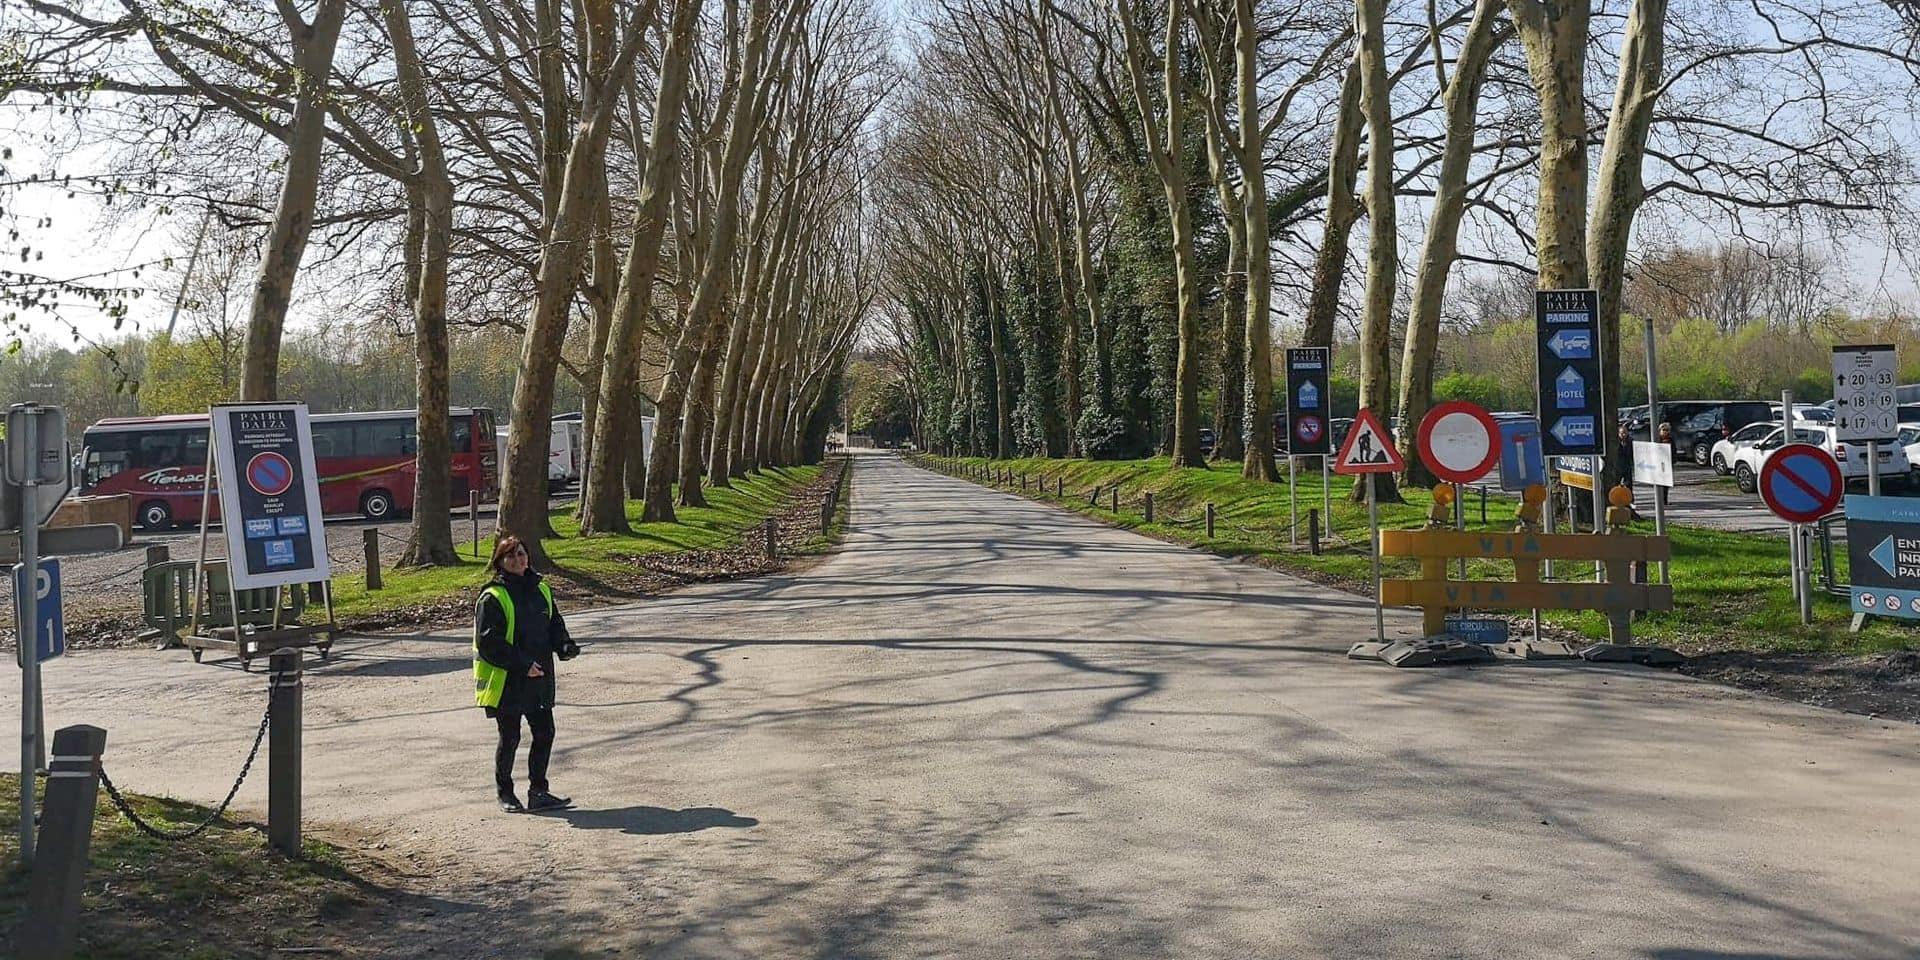 Brugelette: des idées pour la mobilité et la sécurité autour de Pairi Daiza